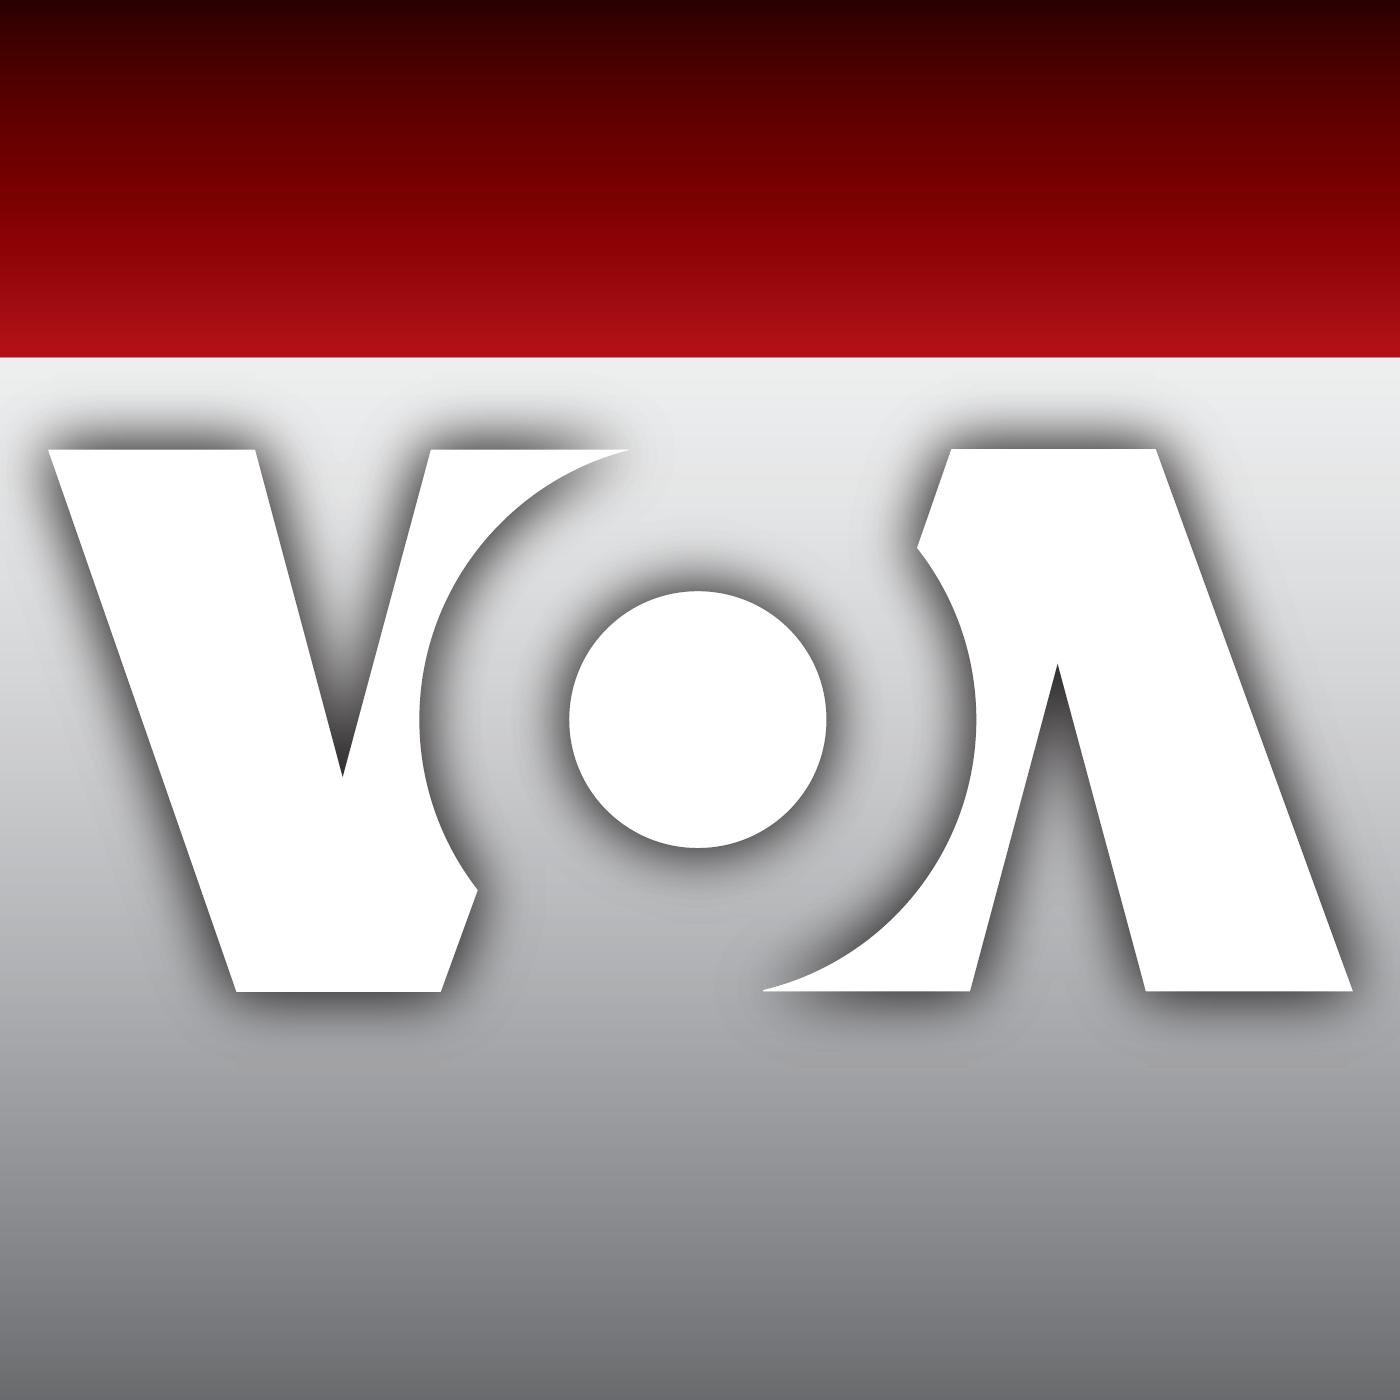 Qubanaha VOA - VOA